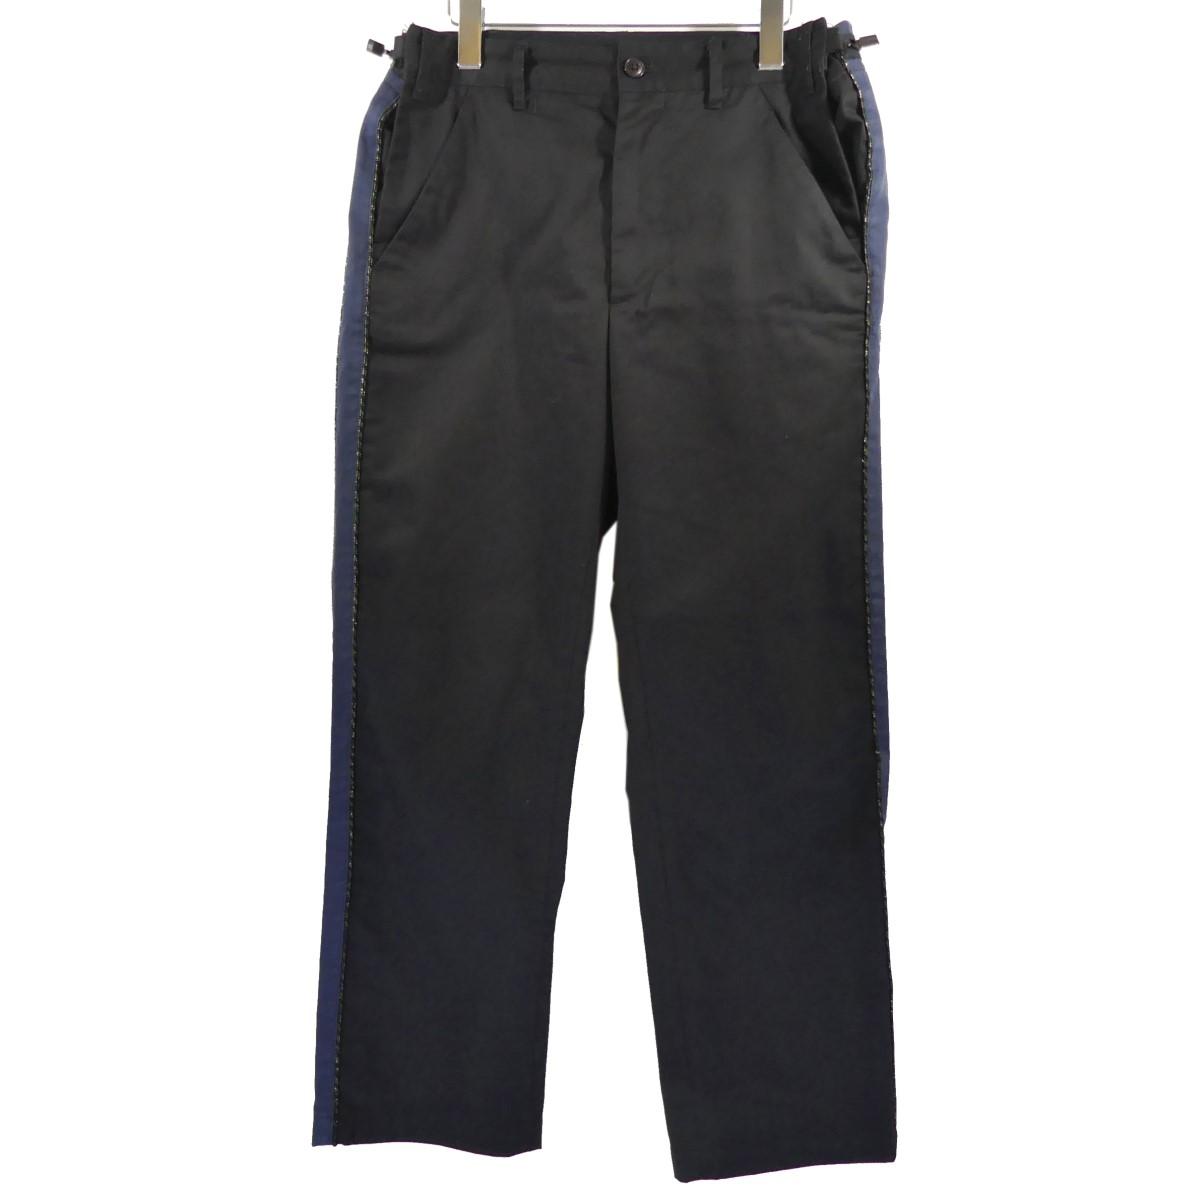 【中古】AiE mb pant サイドラインチノパンツ ブラック サイズ:S 【300420】(エーアイイー)